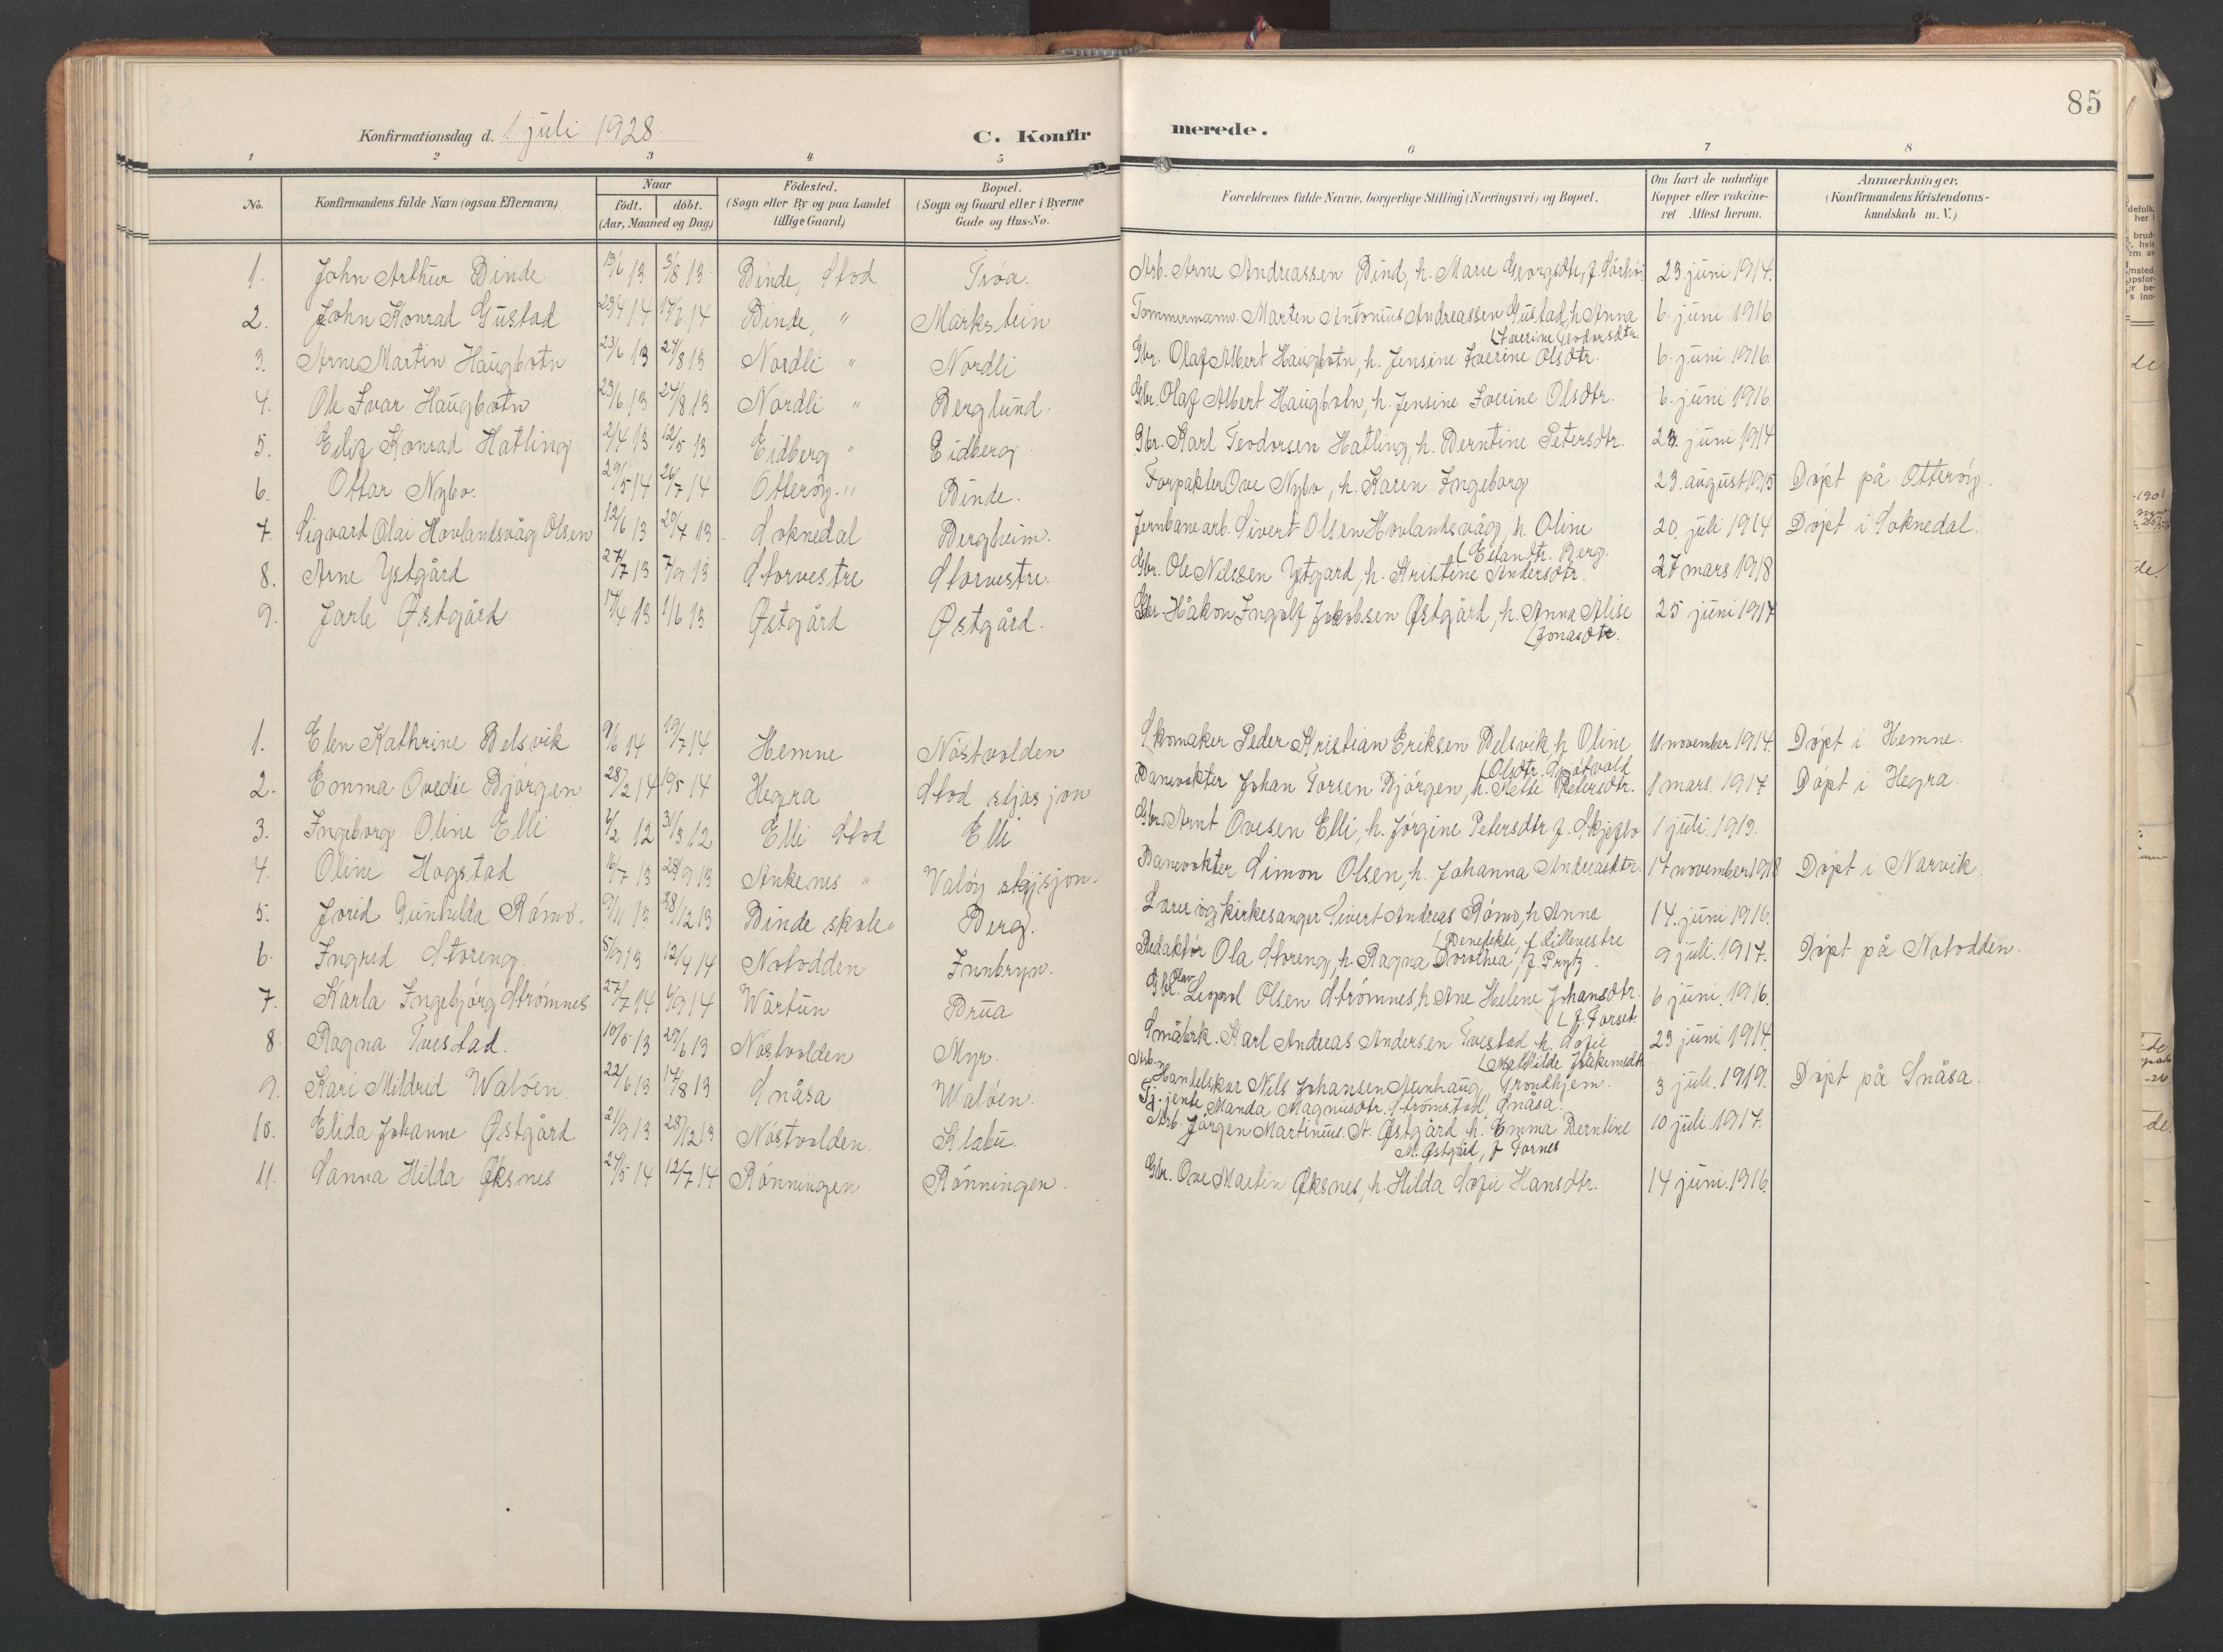 SAT, Ministerialprotokoller, klokkerbøker og fødselsregistre - Nord-Trøndelag, 746/L0455: Klokkerbok nr. 746C01, 1908-1933, s. 85